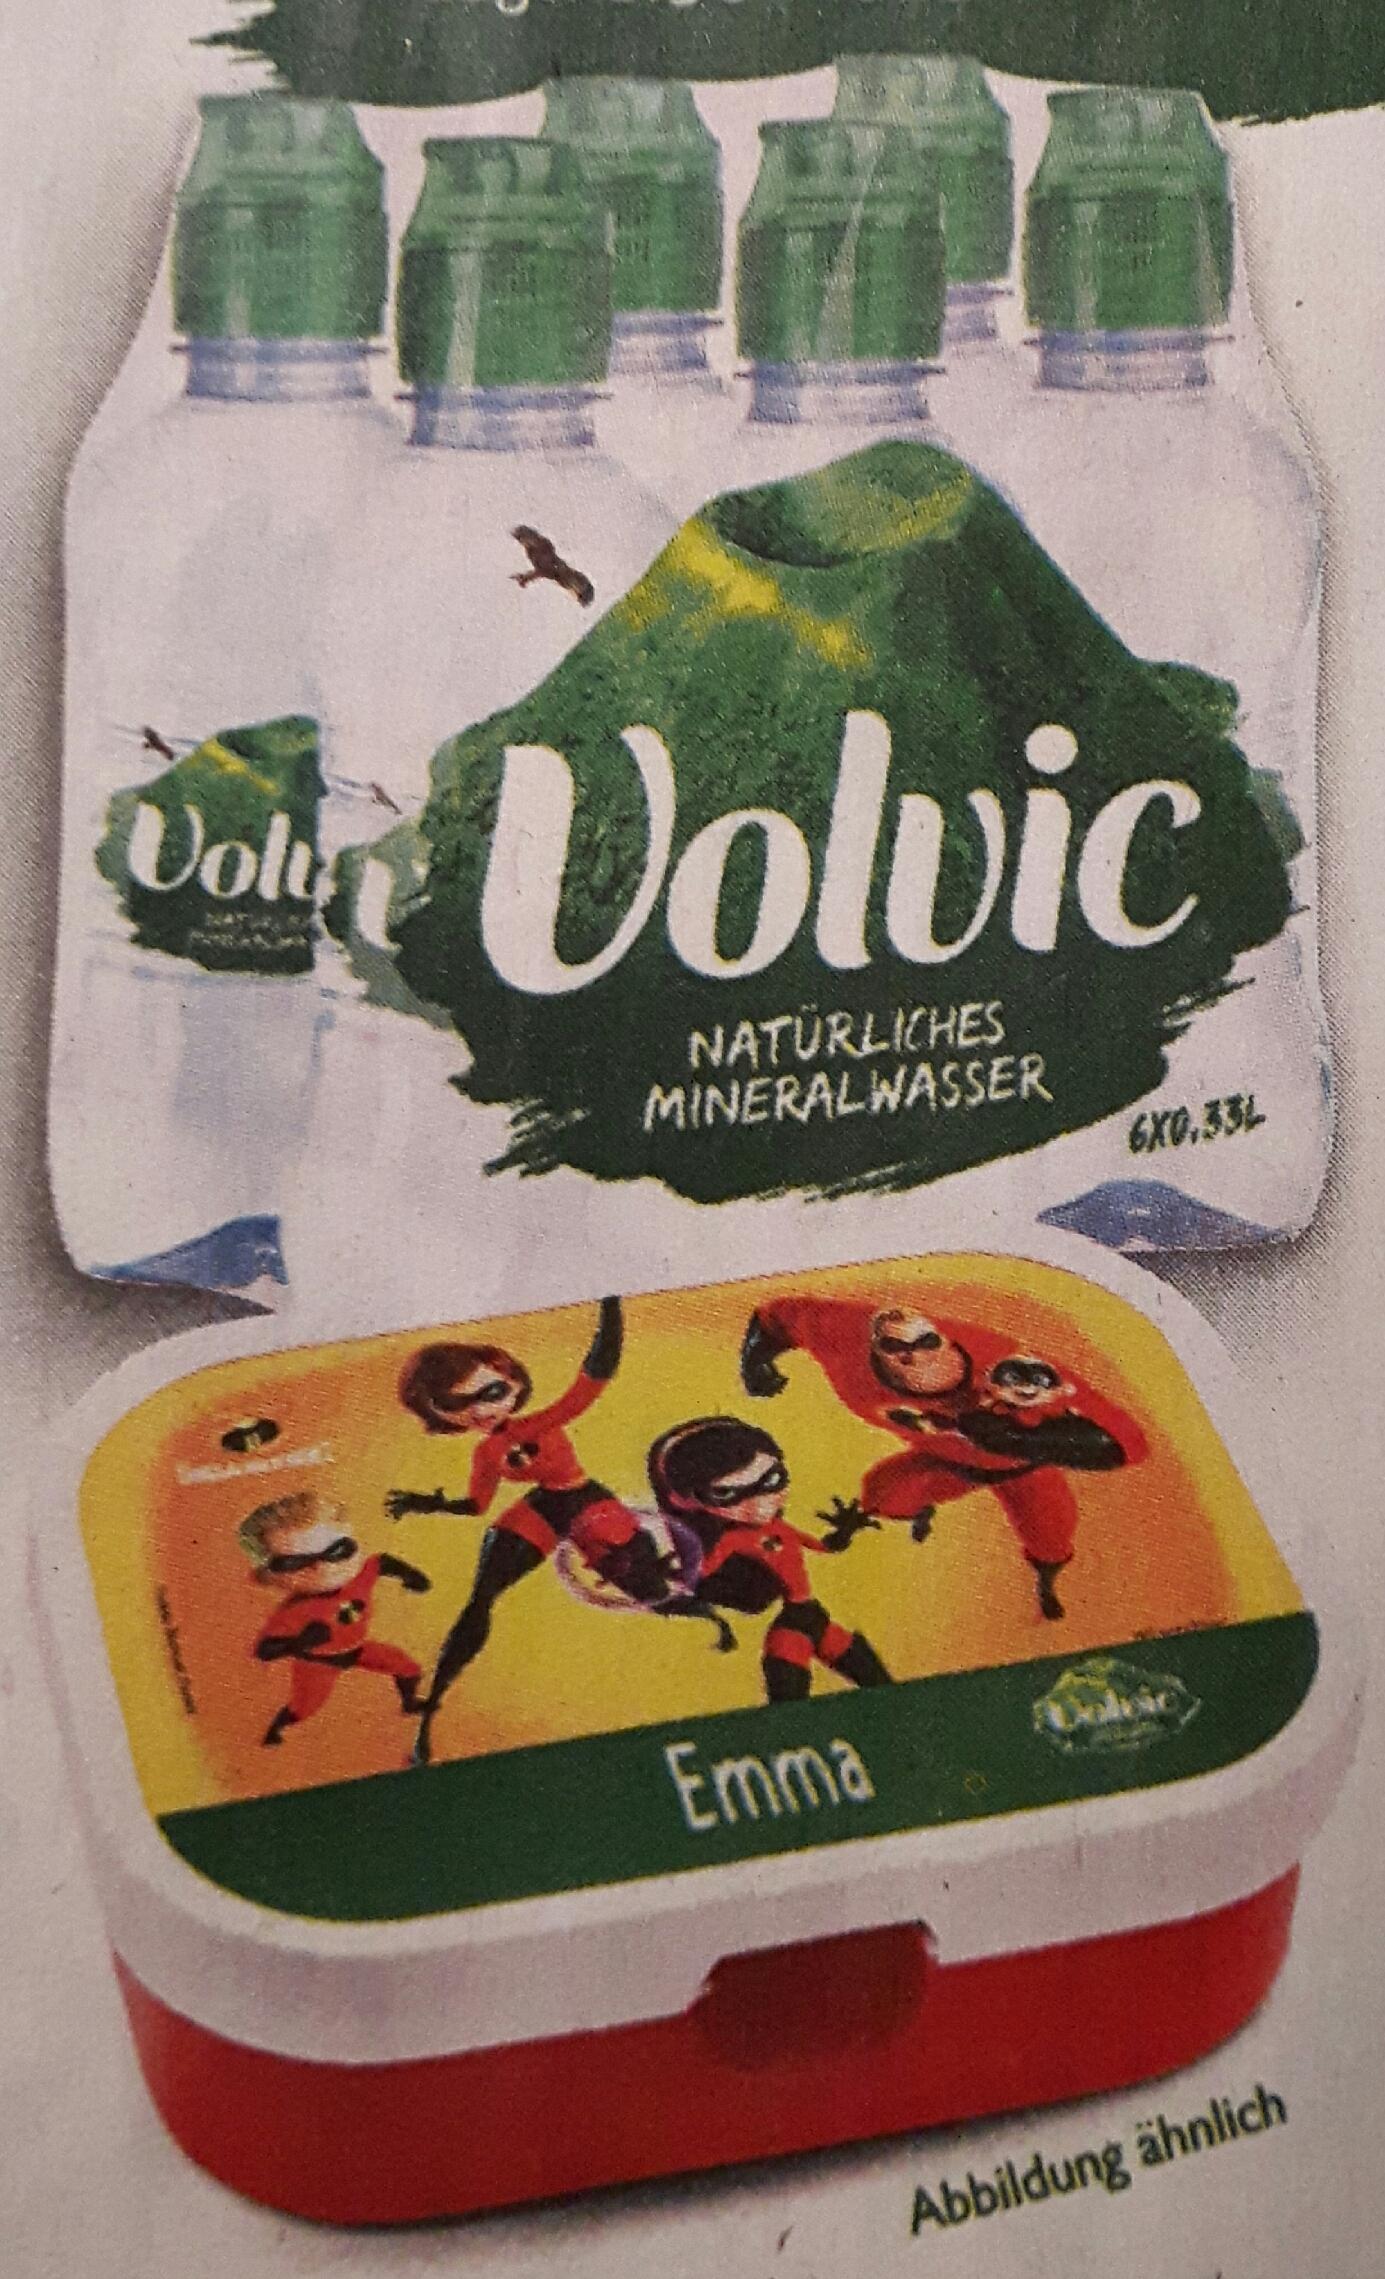 """Personalisierte """"Die Unglaublichen 2"""" Brotbox kostenlos beim Kauf von 2 Sixpacks 0,33l Volvic Mineralwasser"""